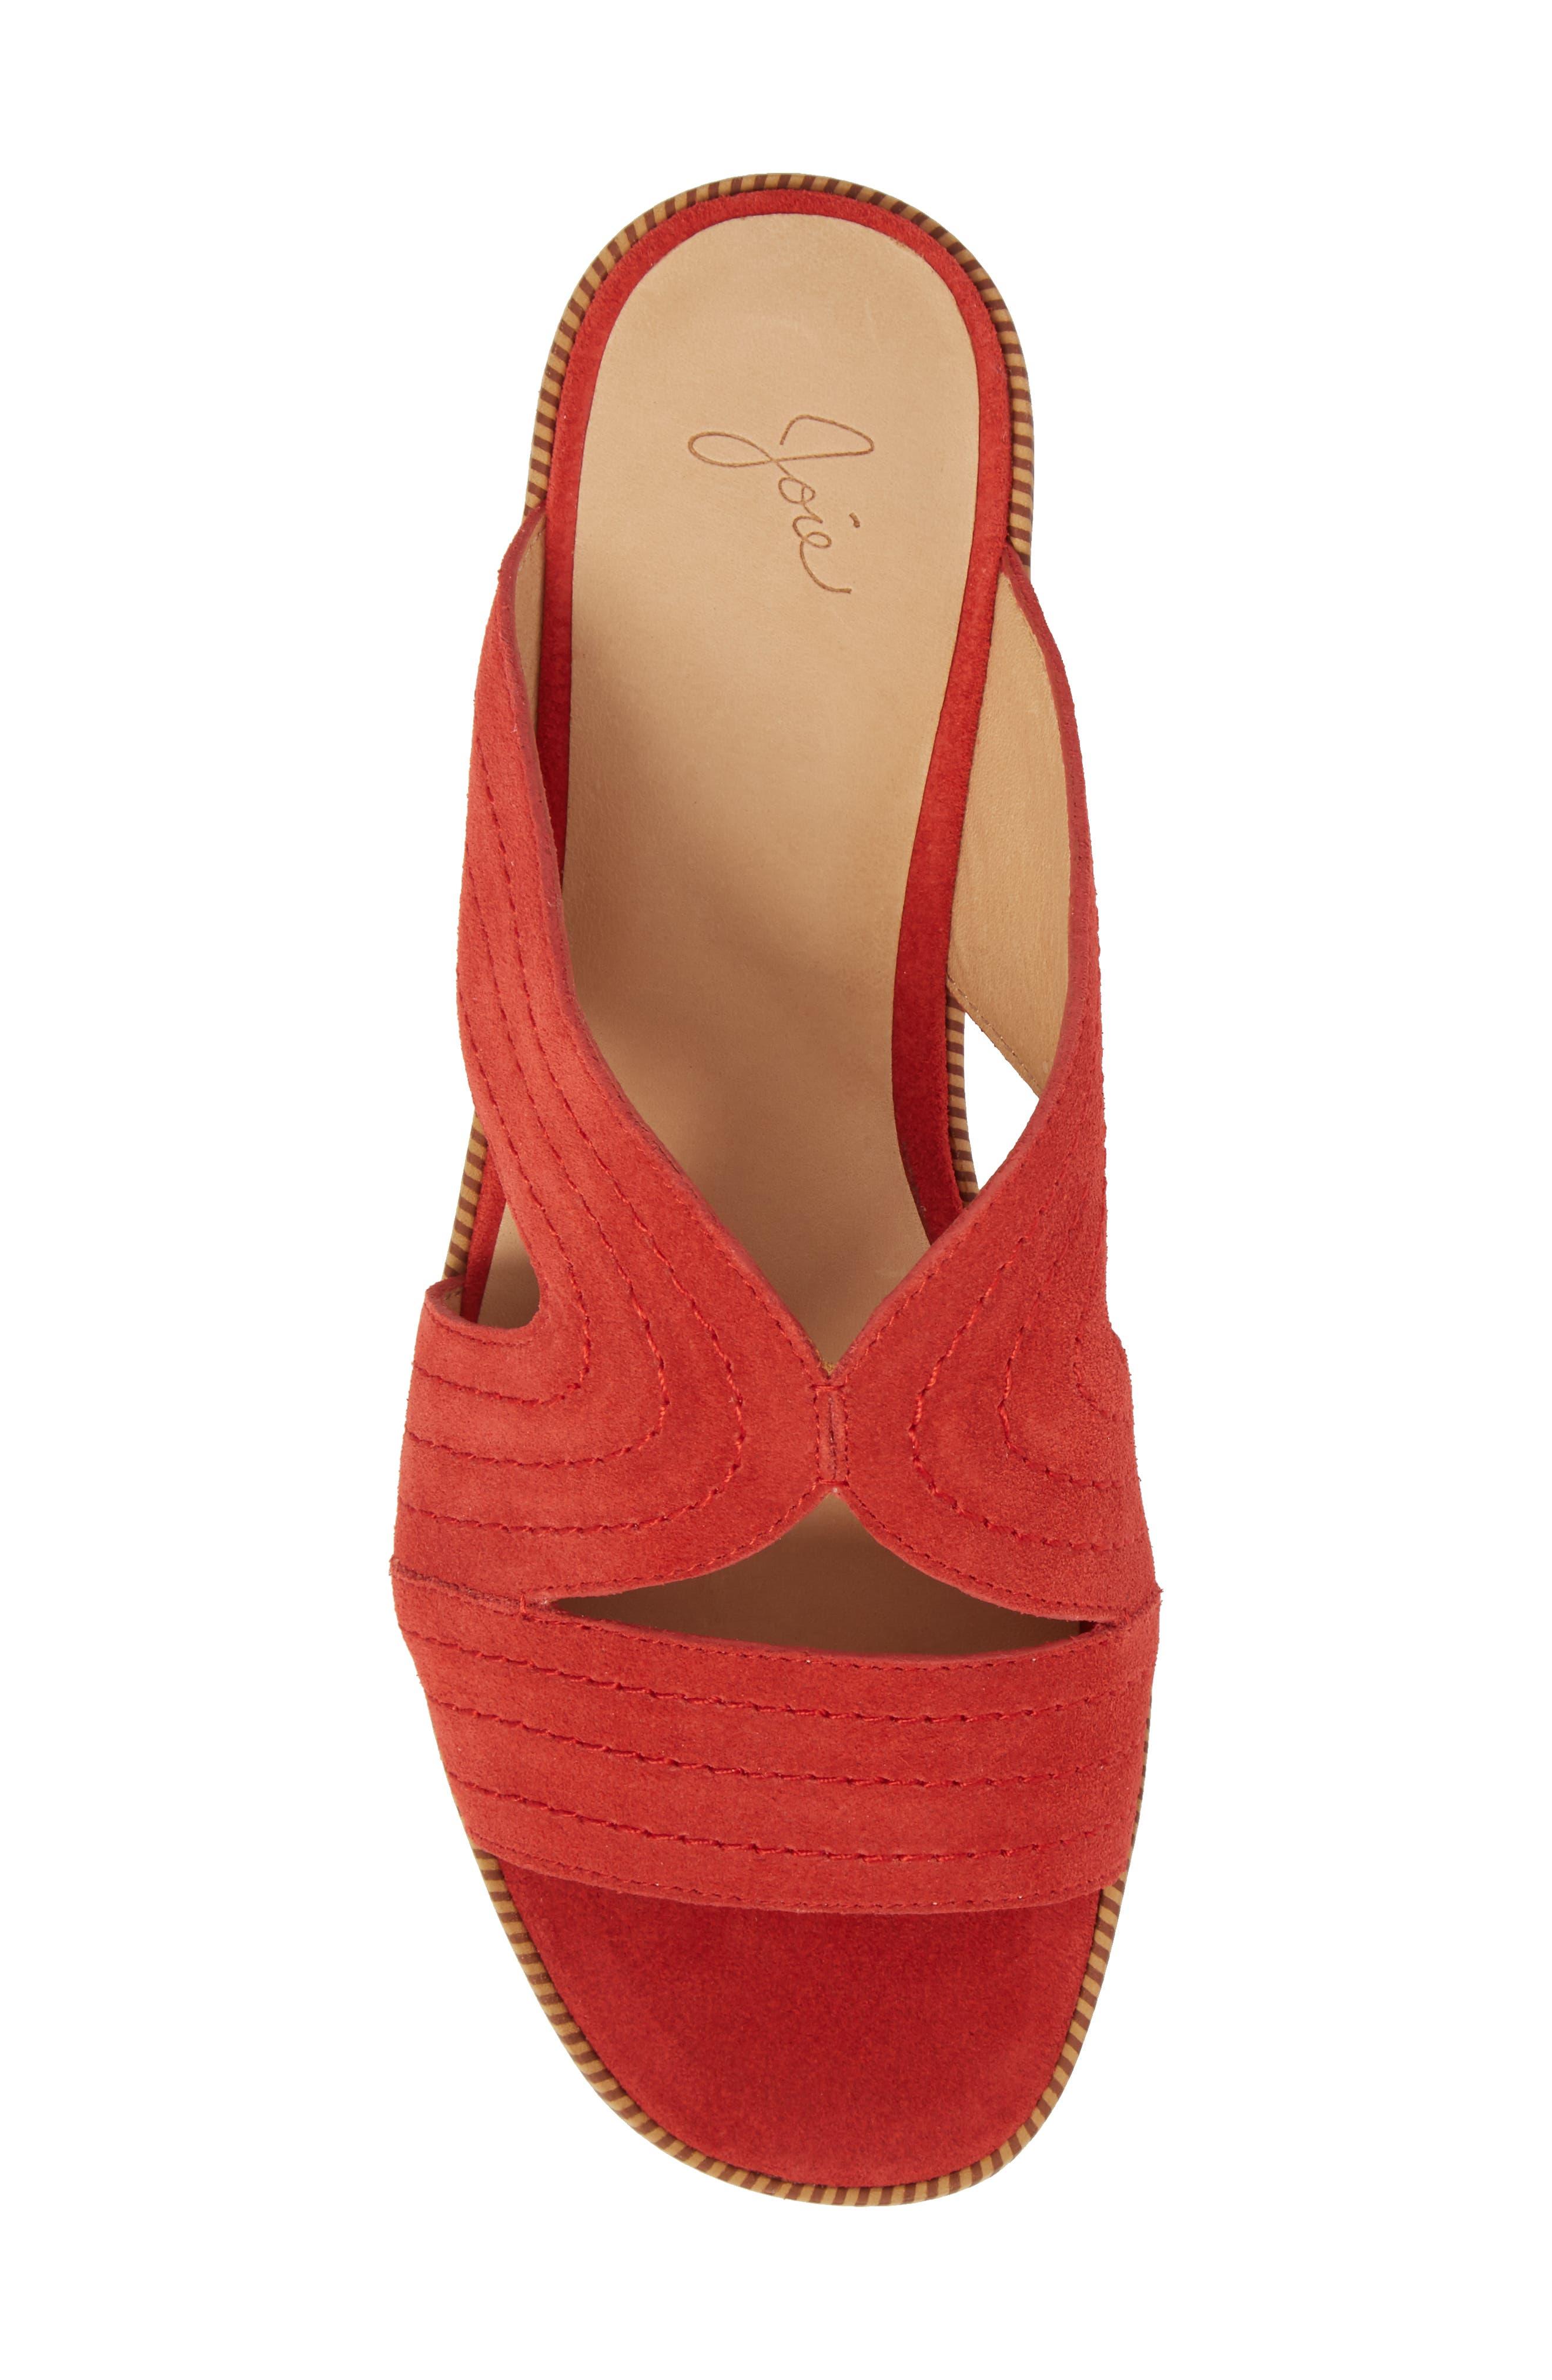 Paetyn Slide Sandal,                             Alternate thumbnail 5, color,                             Red